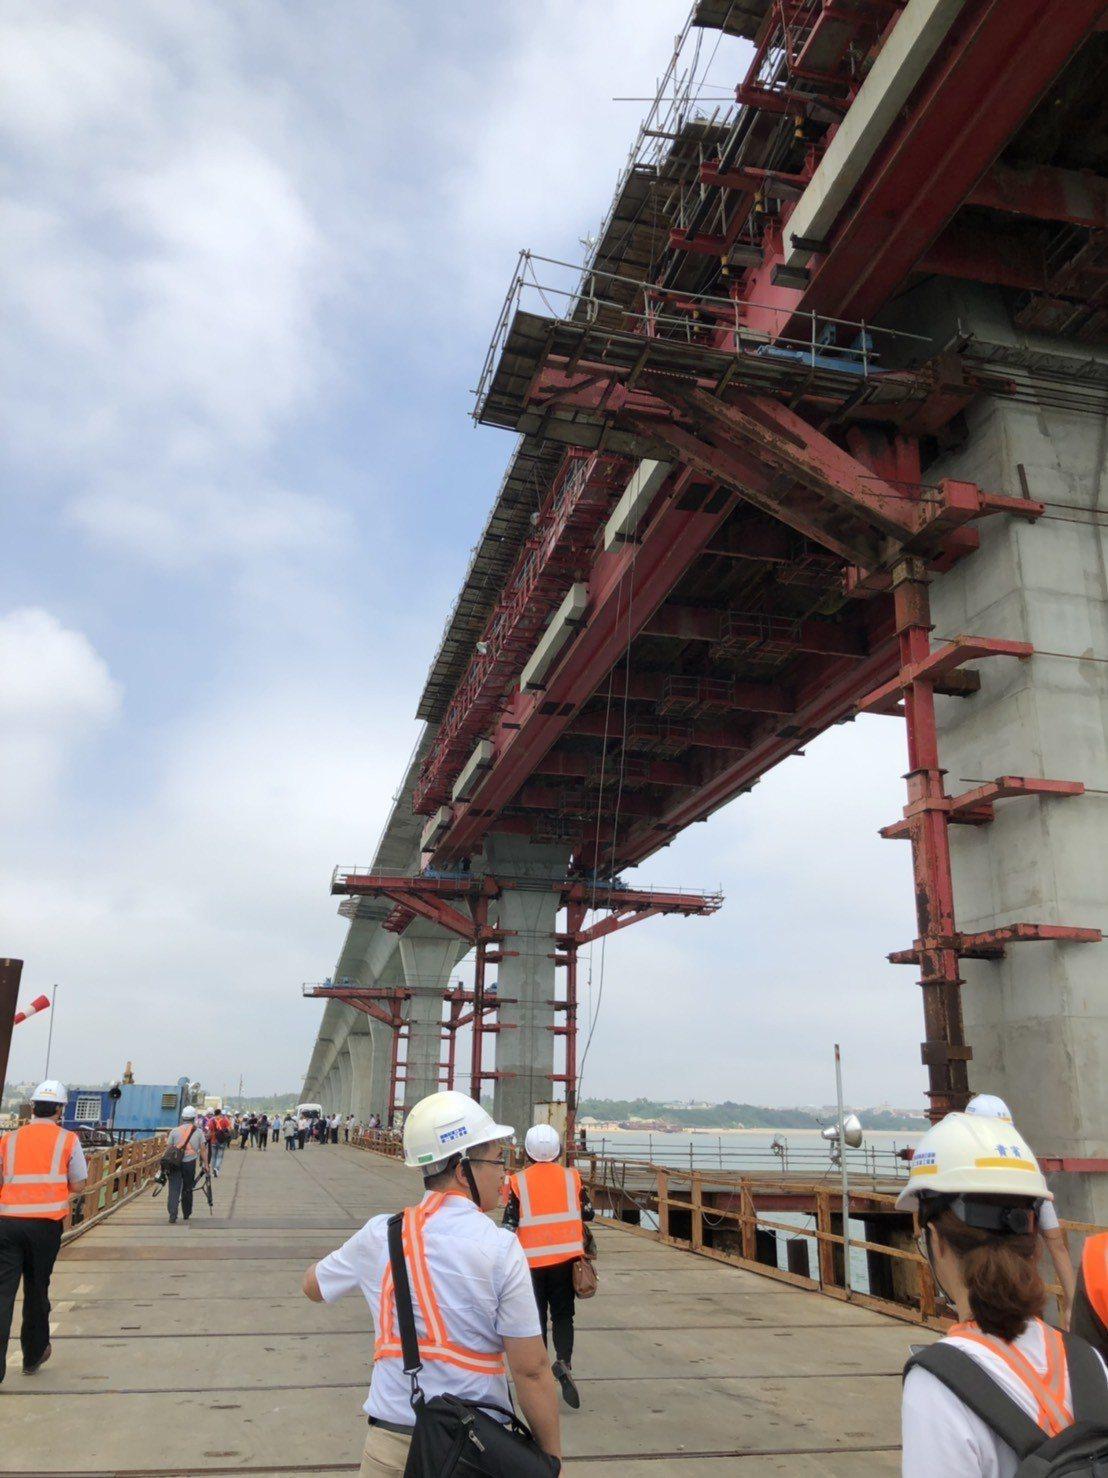 金門大橋工程為國內首座海上脊背式橋梁,施工技術與難度極高。記者蔡家蓁/攝影